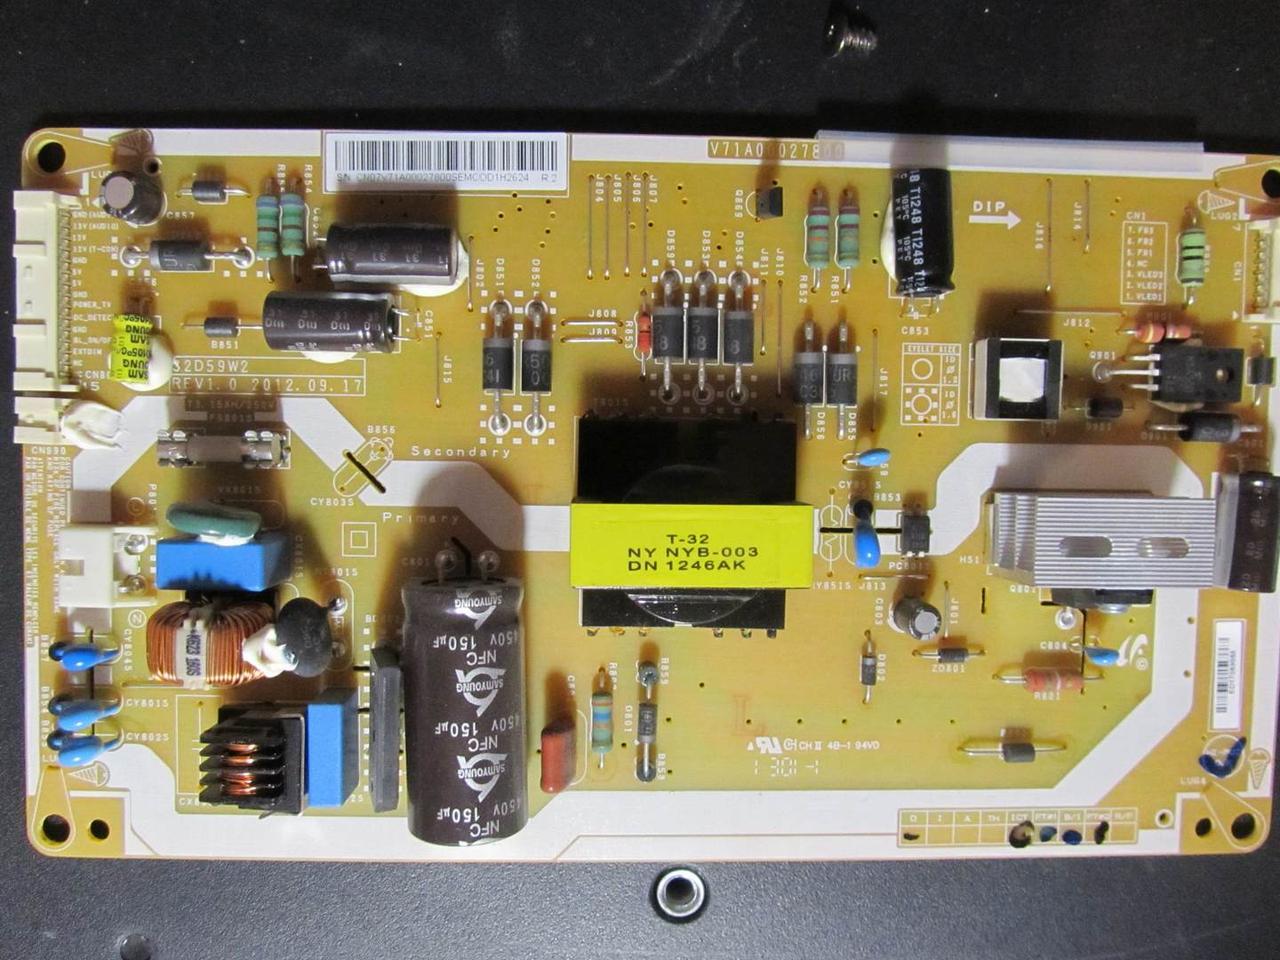 Запчасти к телевизору Toshiba 32PB200V1 (V28A001439A0, V71A00027800)